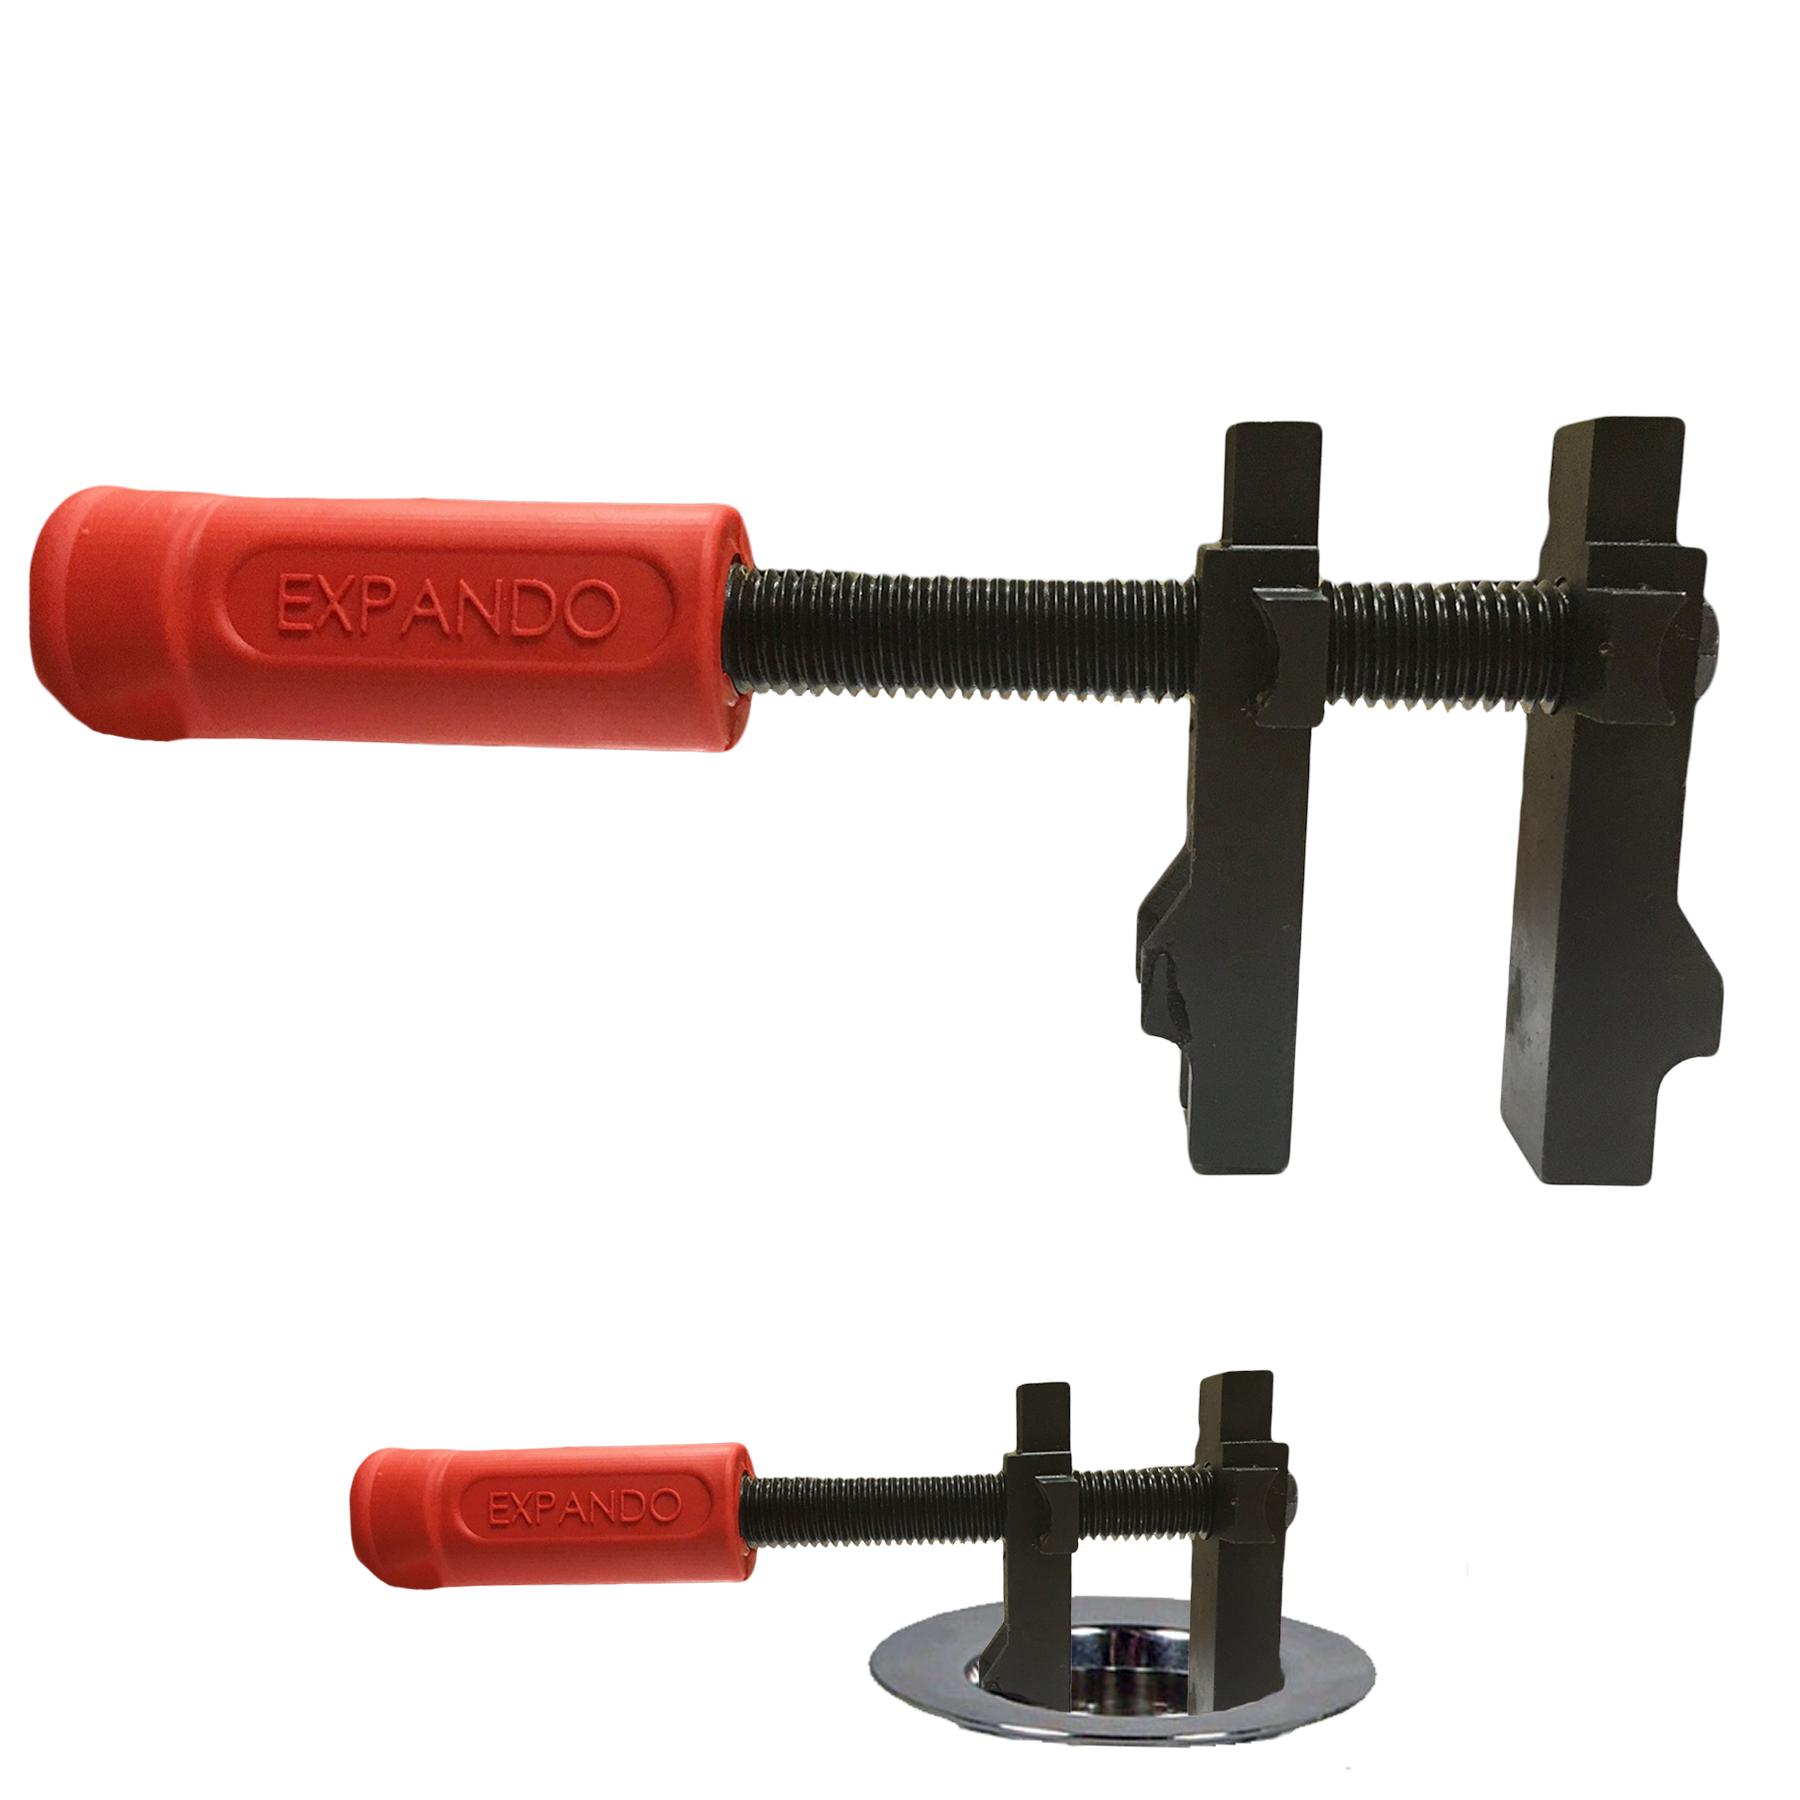 Expando Tub Drain Removal Tool Wrench Bathtub Ratchet Removal Tool Plumbing Tools Tub